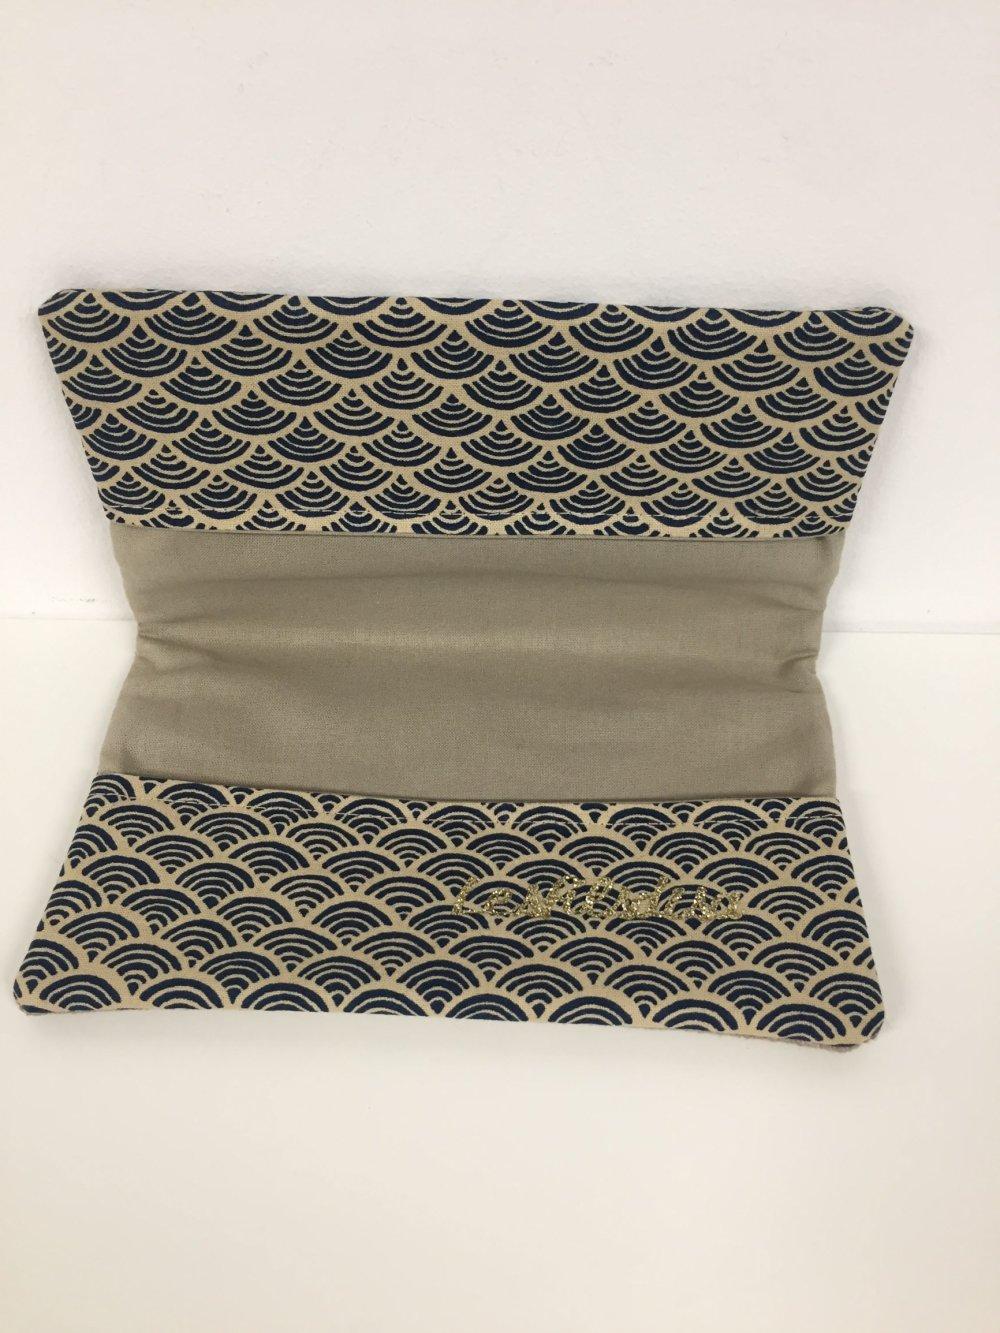 Etui chéquier en tissu japonais et lin, beige, bleu marine / Protège carnet de chèques format portefeuille / Etui personnalisable